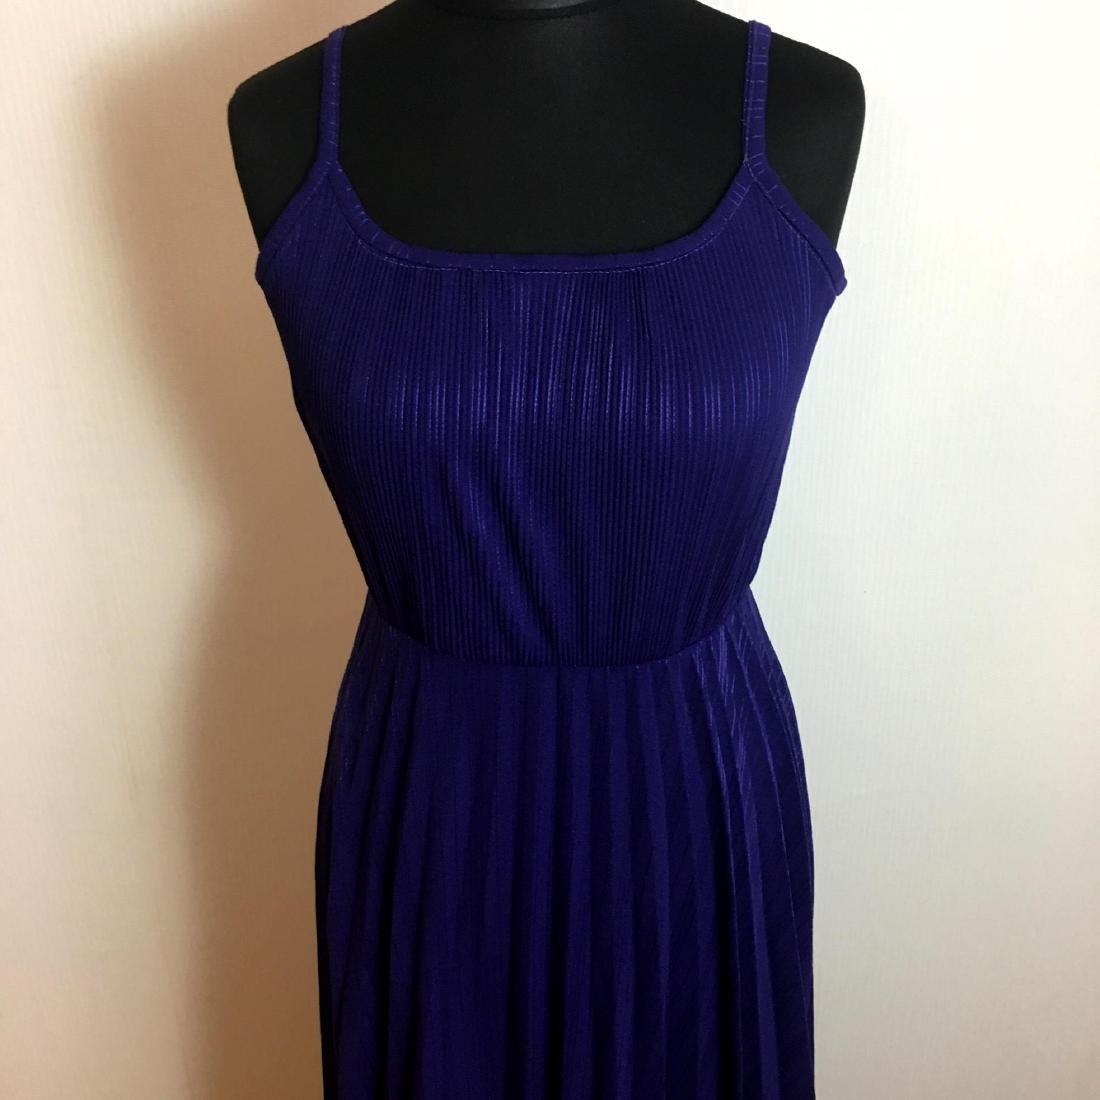 Vintage Women's Coctail Evening Maxi Dress - 2